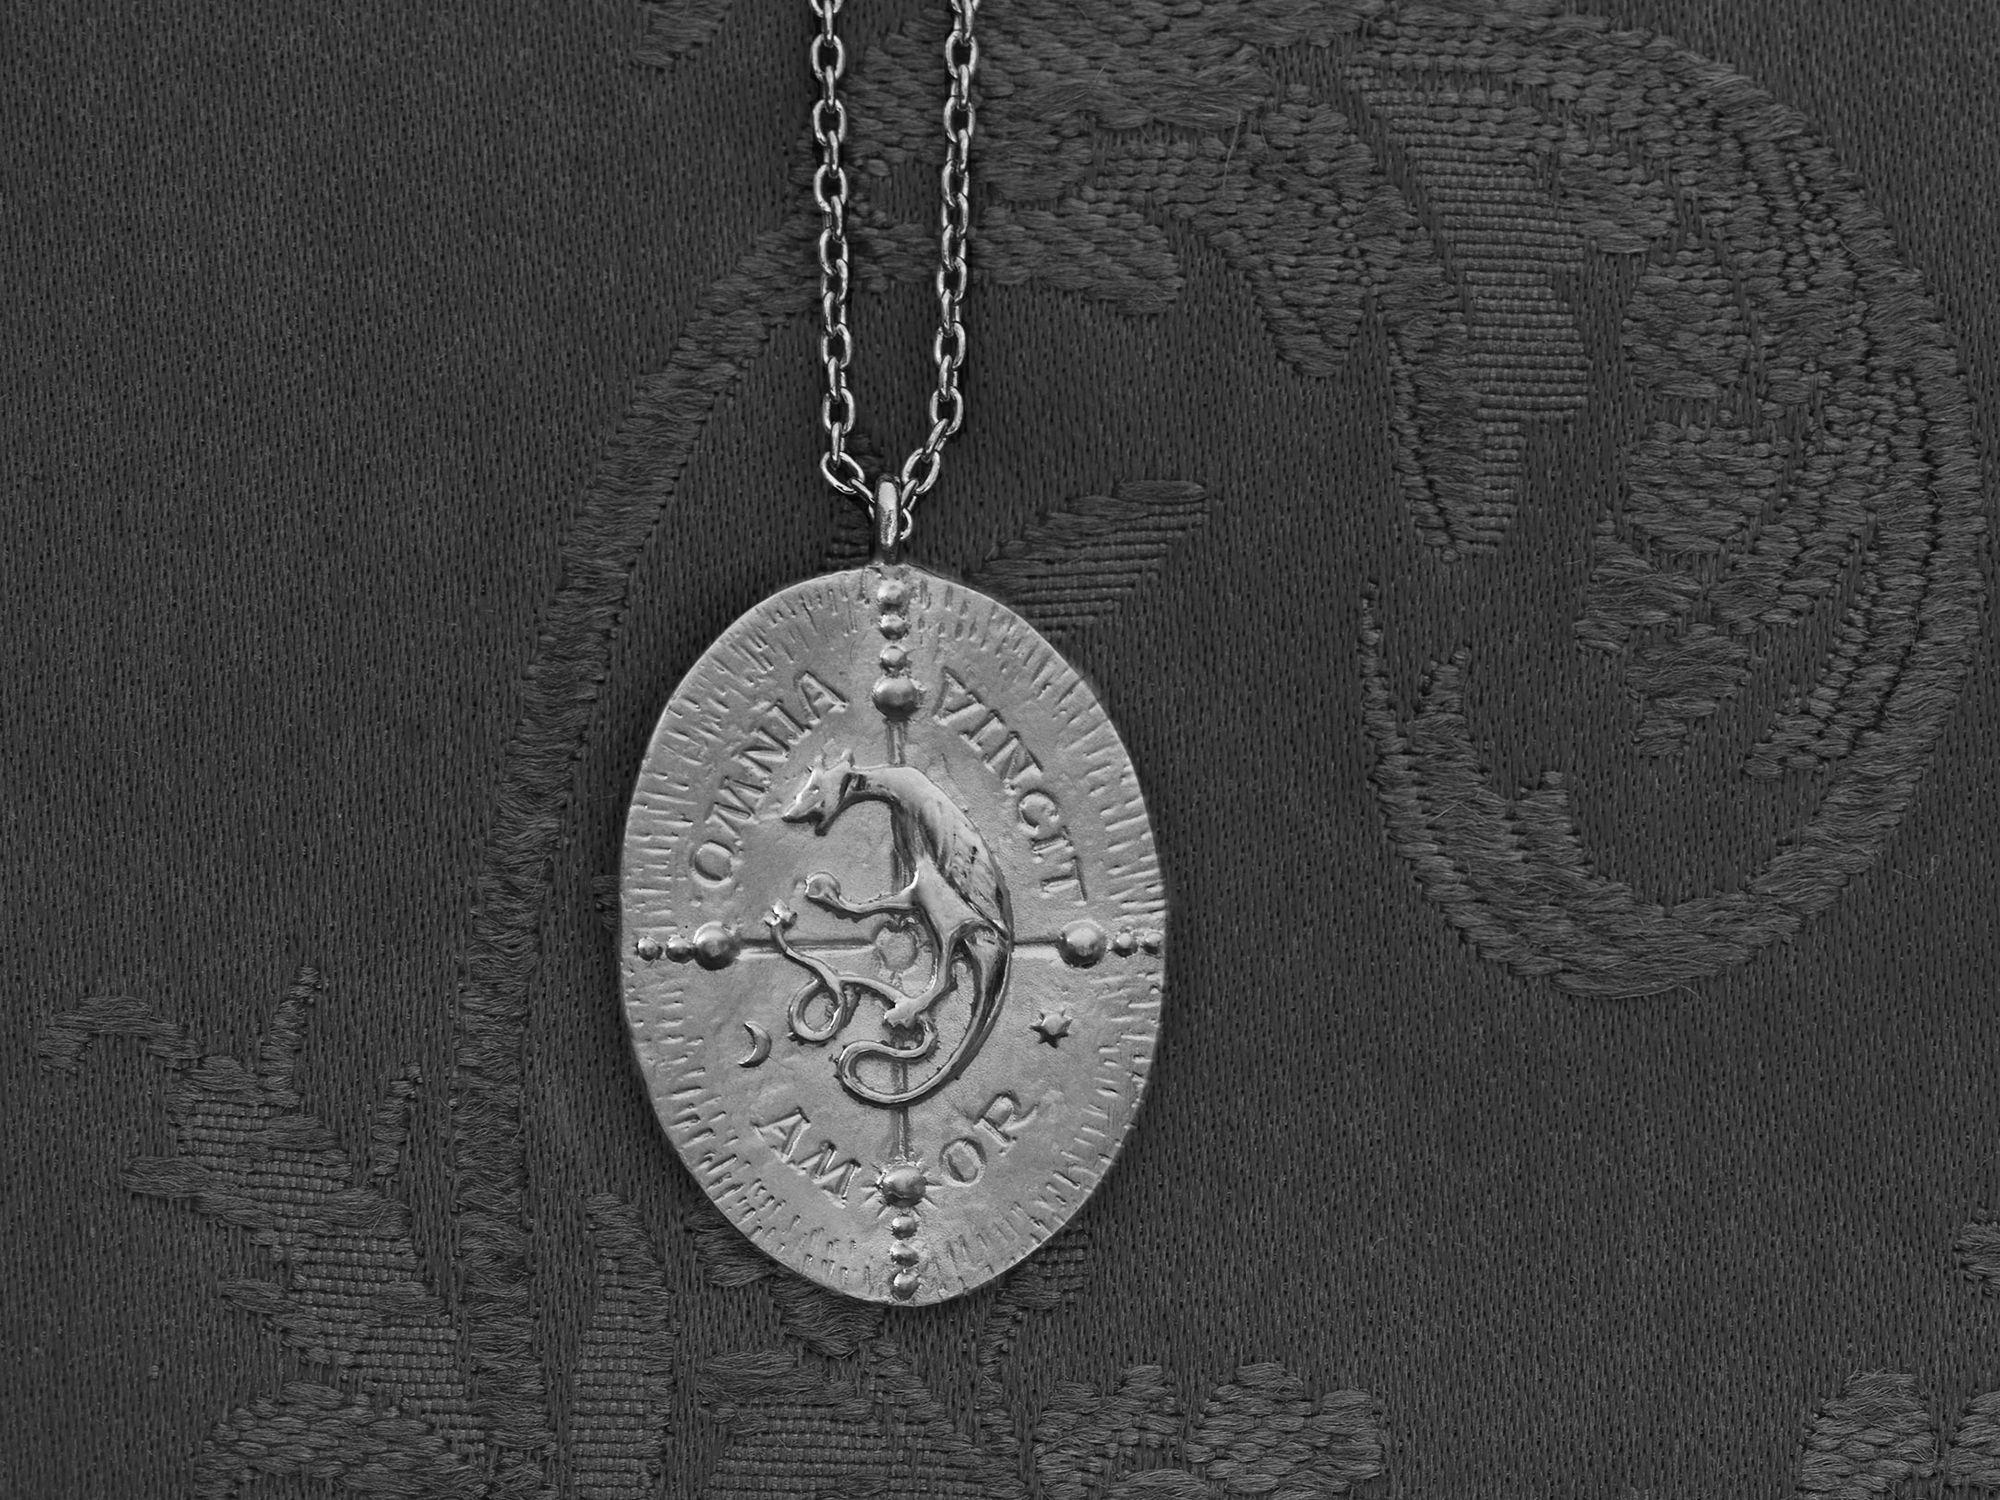 Cressida Necklace For Men by Emmanuelle Zysman